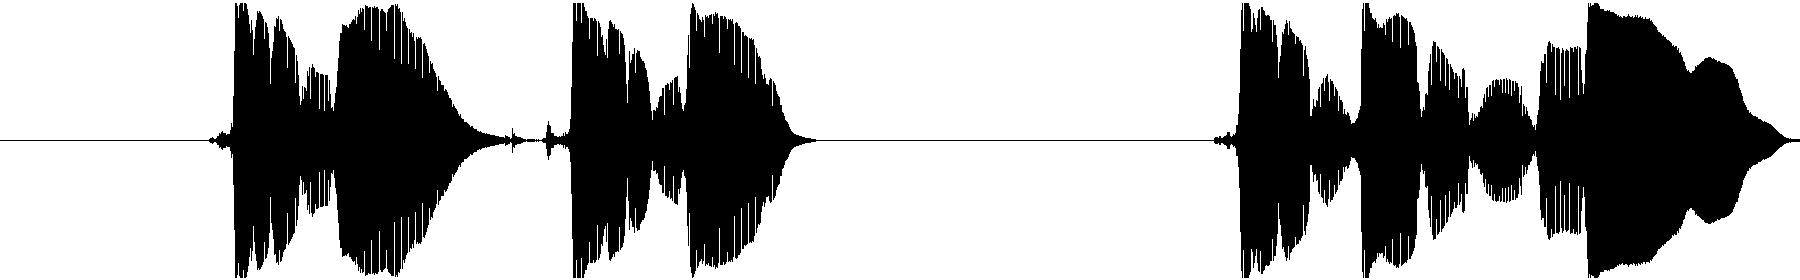 saxsoloa 1